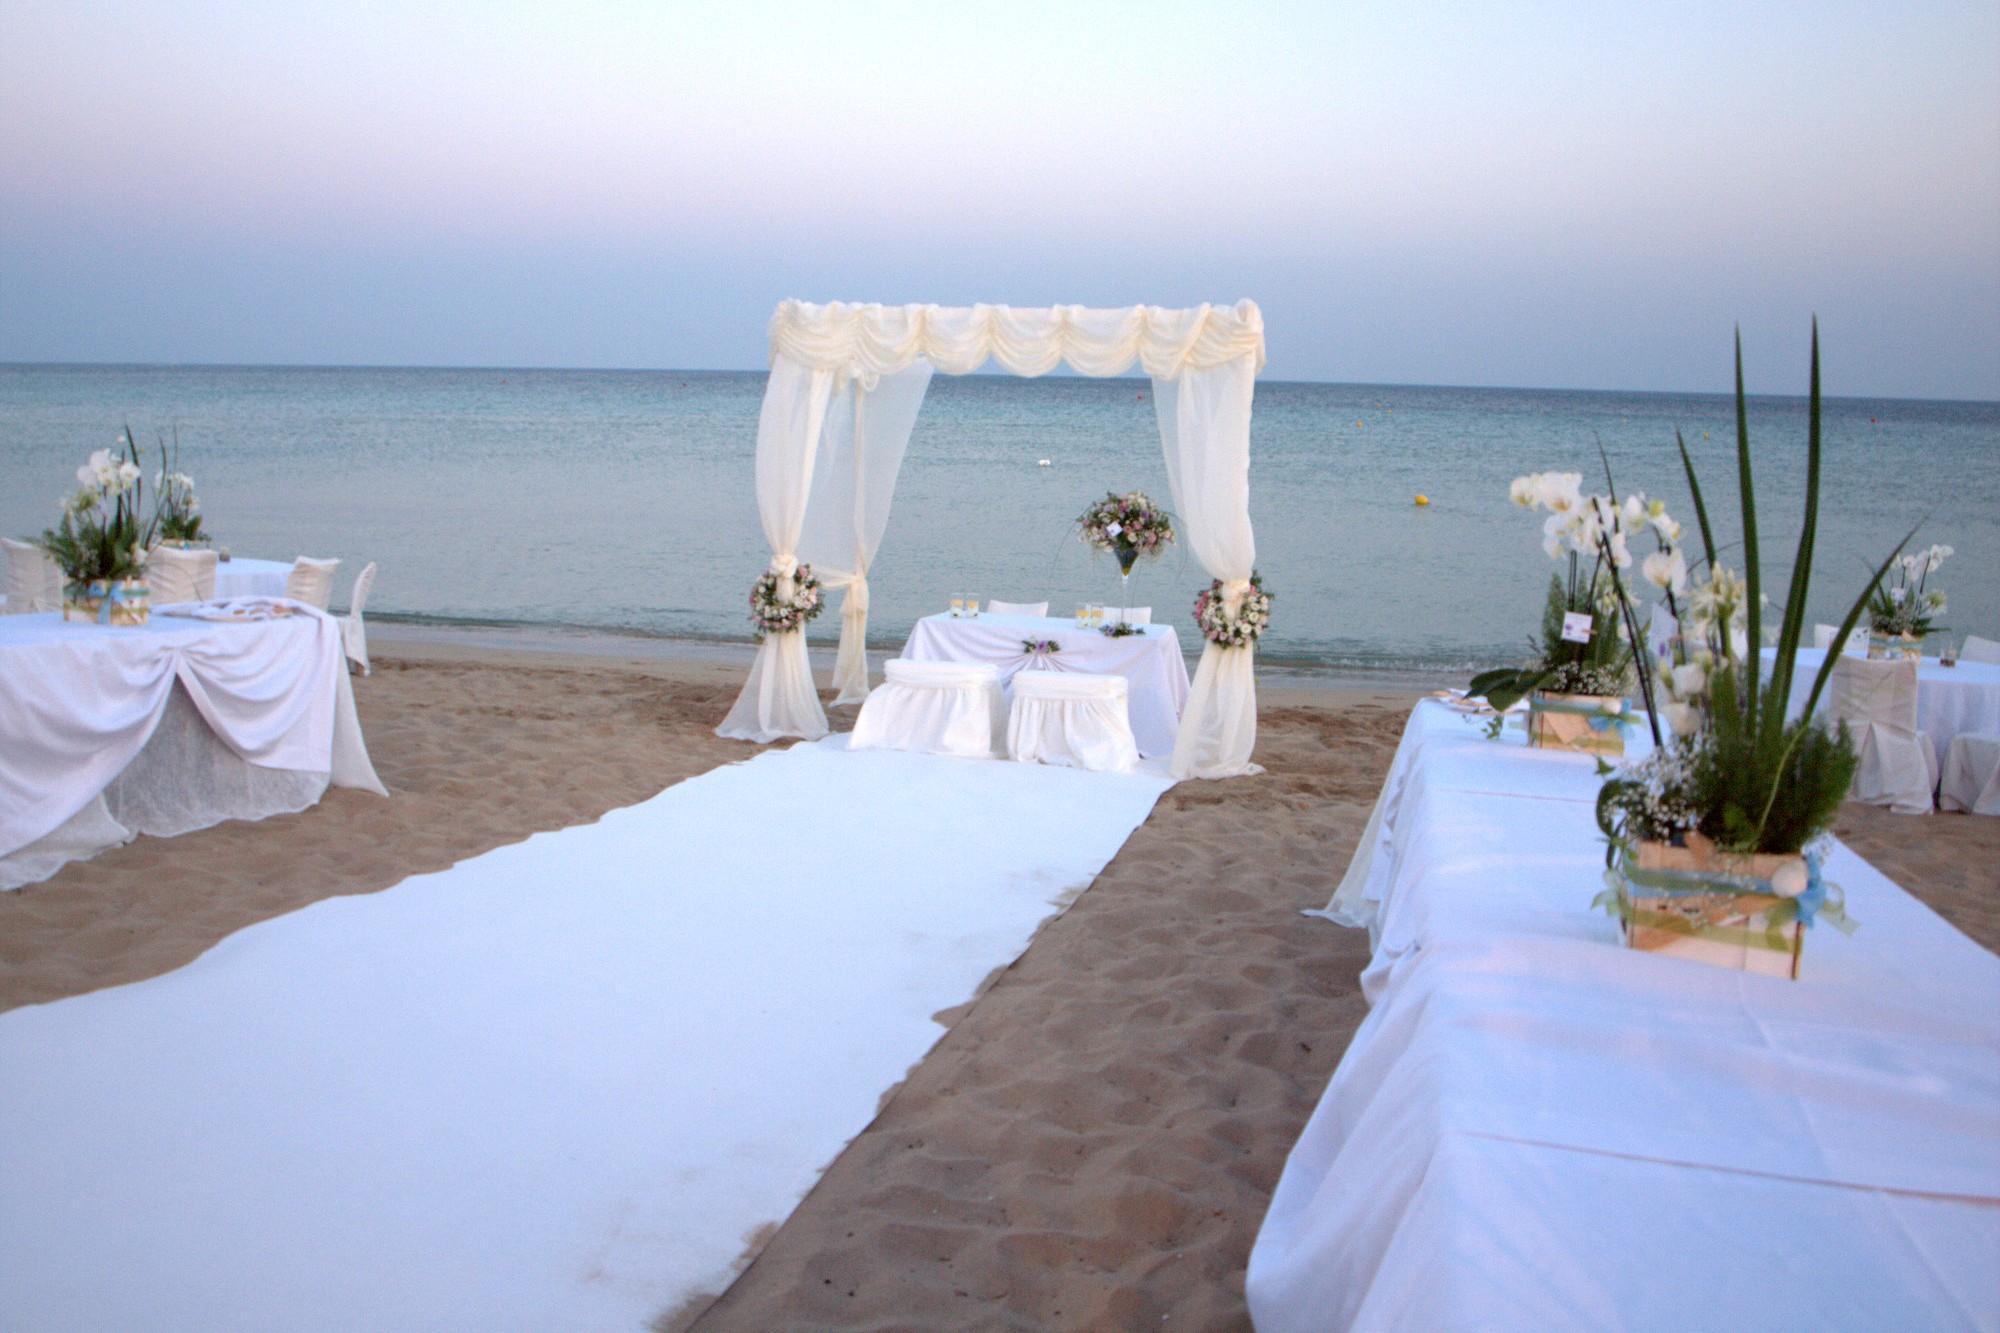 Foto Matrimonio Spiaggia : Matrimoni all aperto anche in italia la rivoluzione